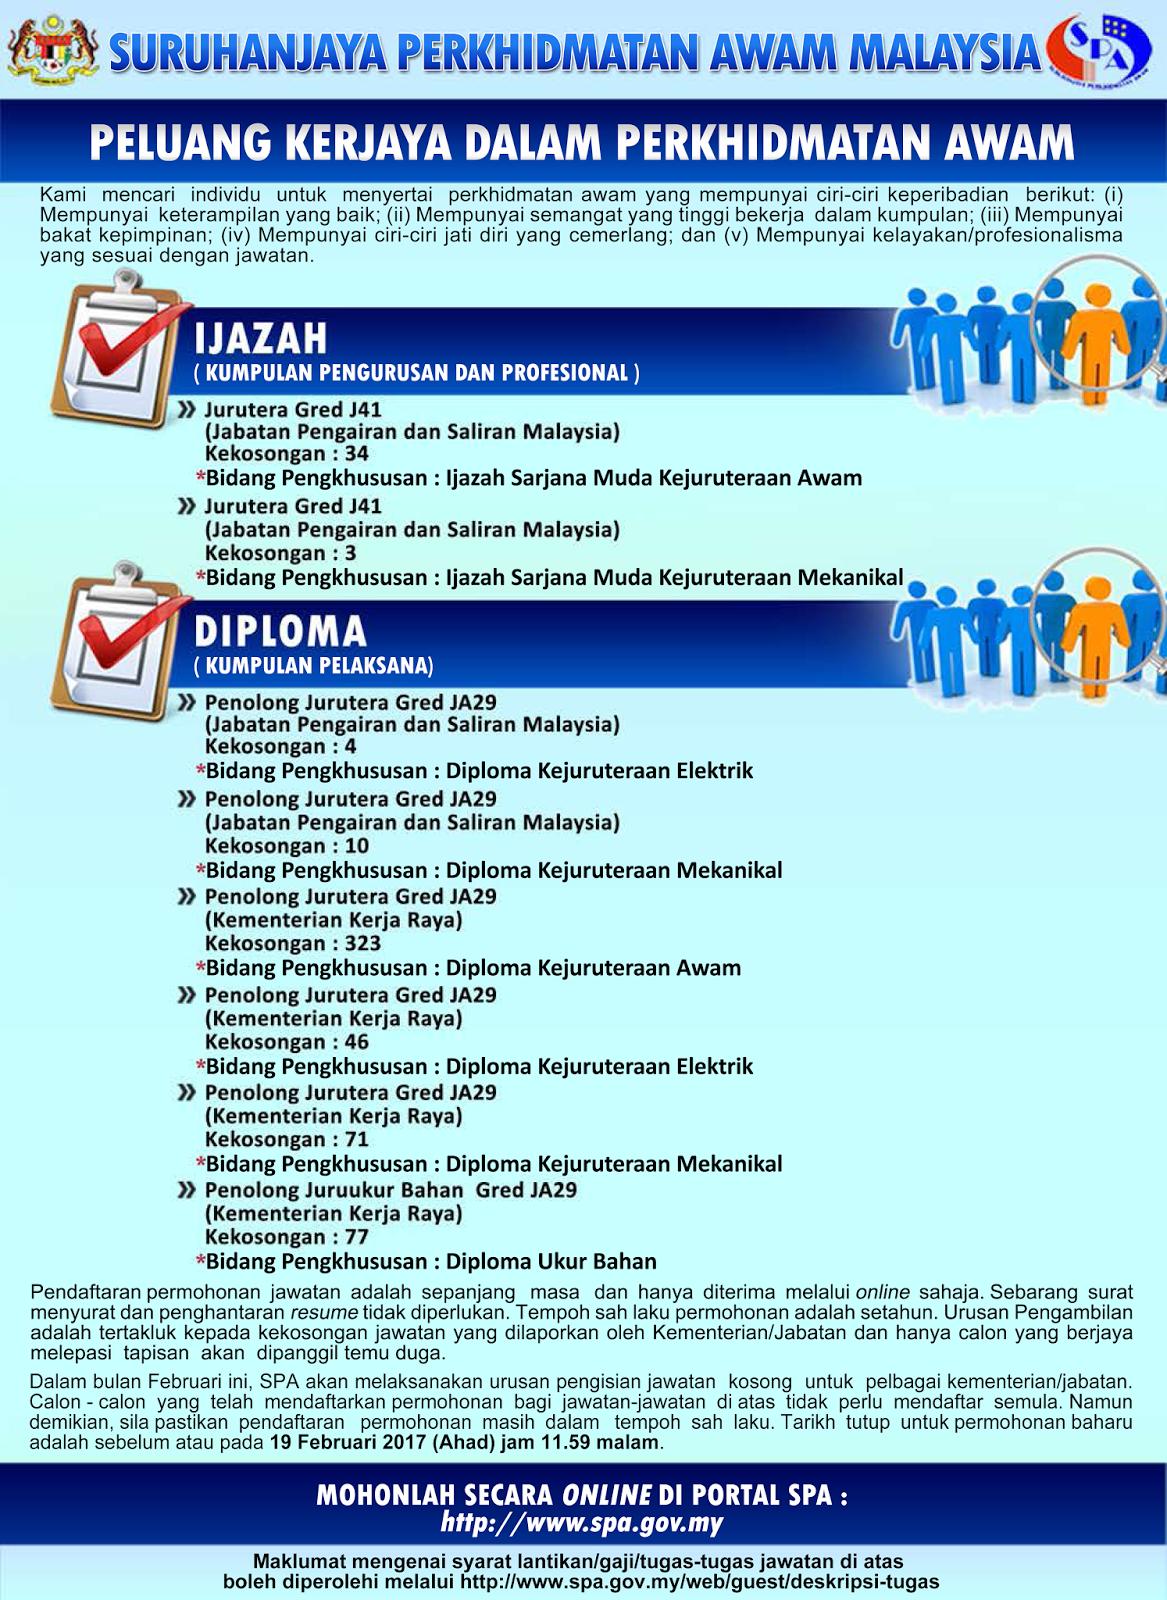 Jawatan Kosong Terkini KKR - Kementerian Kerja Raya (19 ...